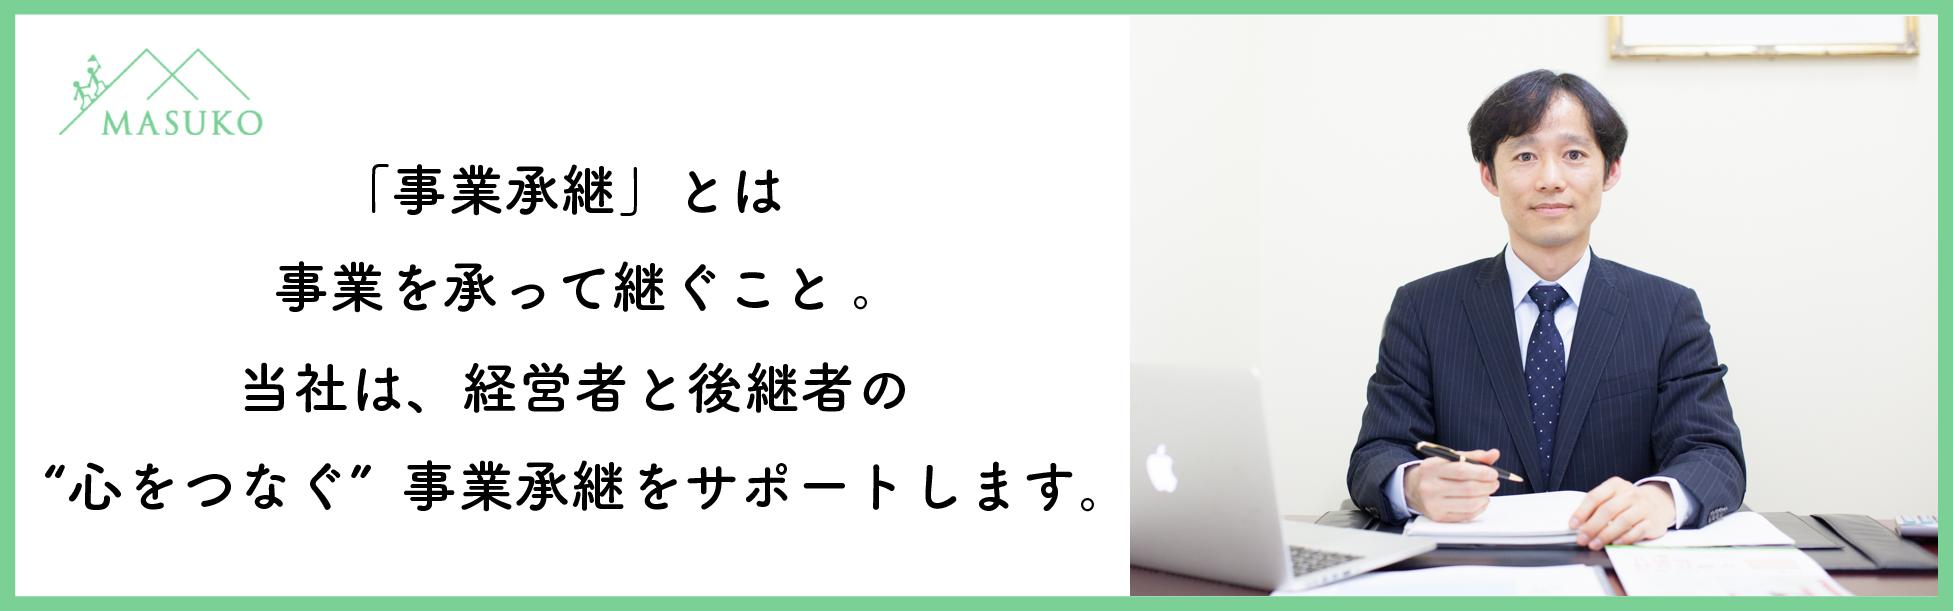 株式会社MASUKO 小規模事業者専門の事業承継相談所